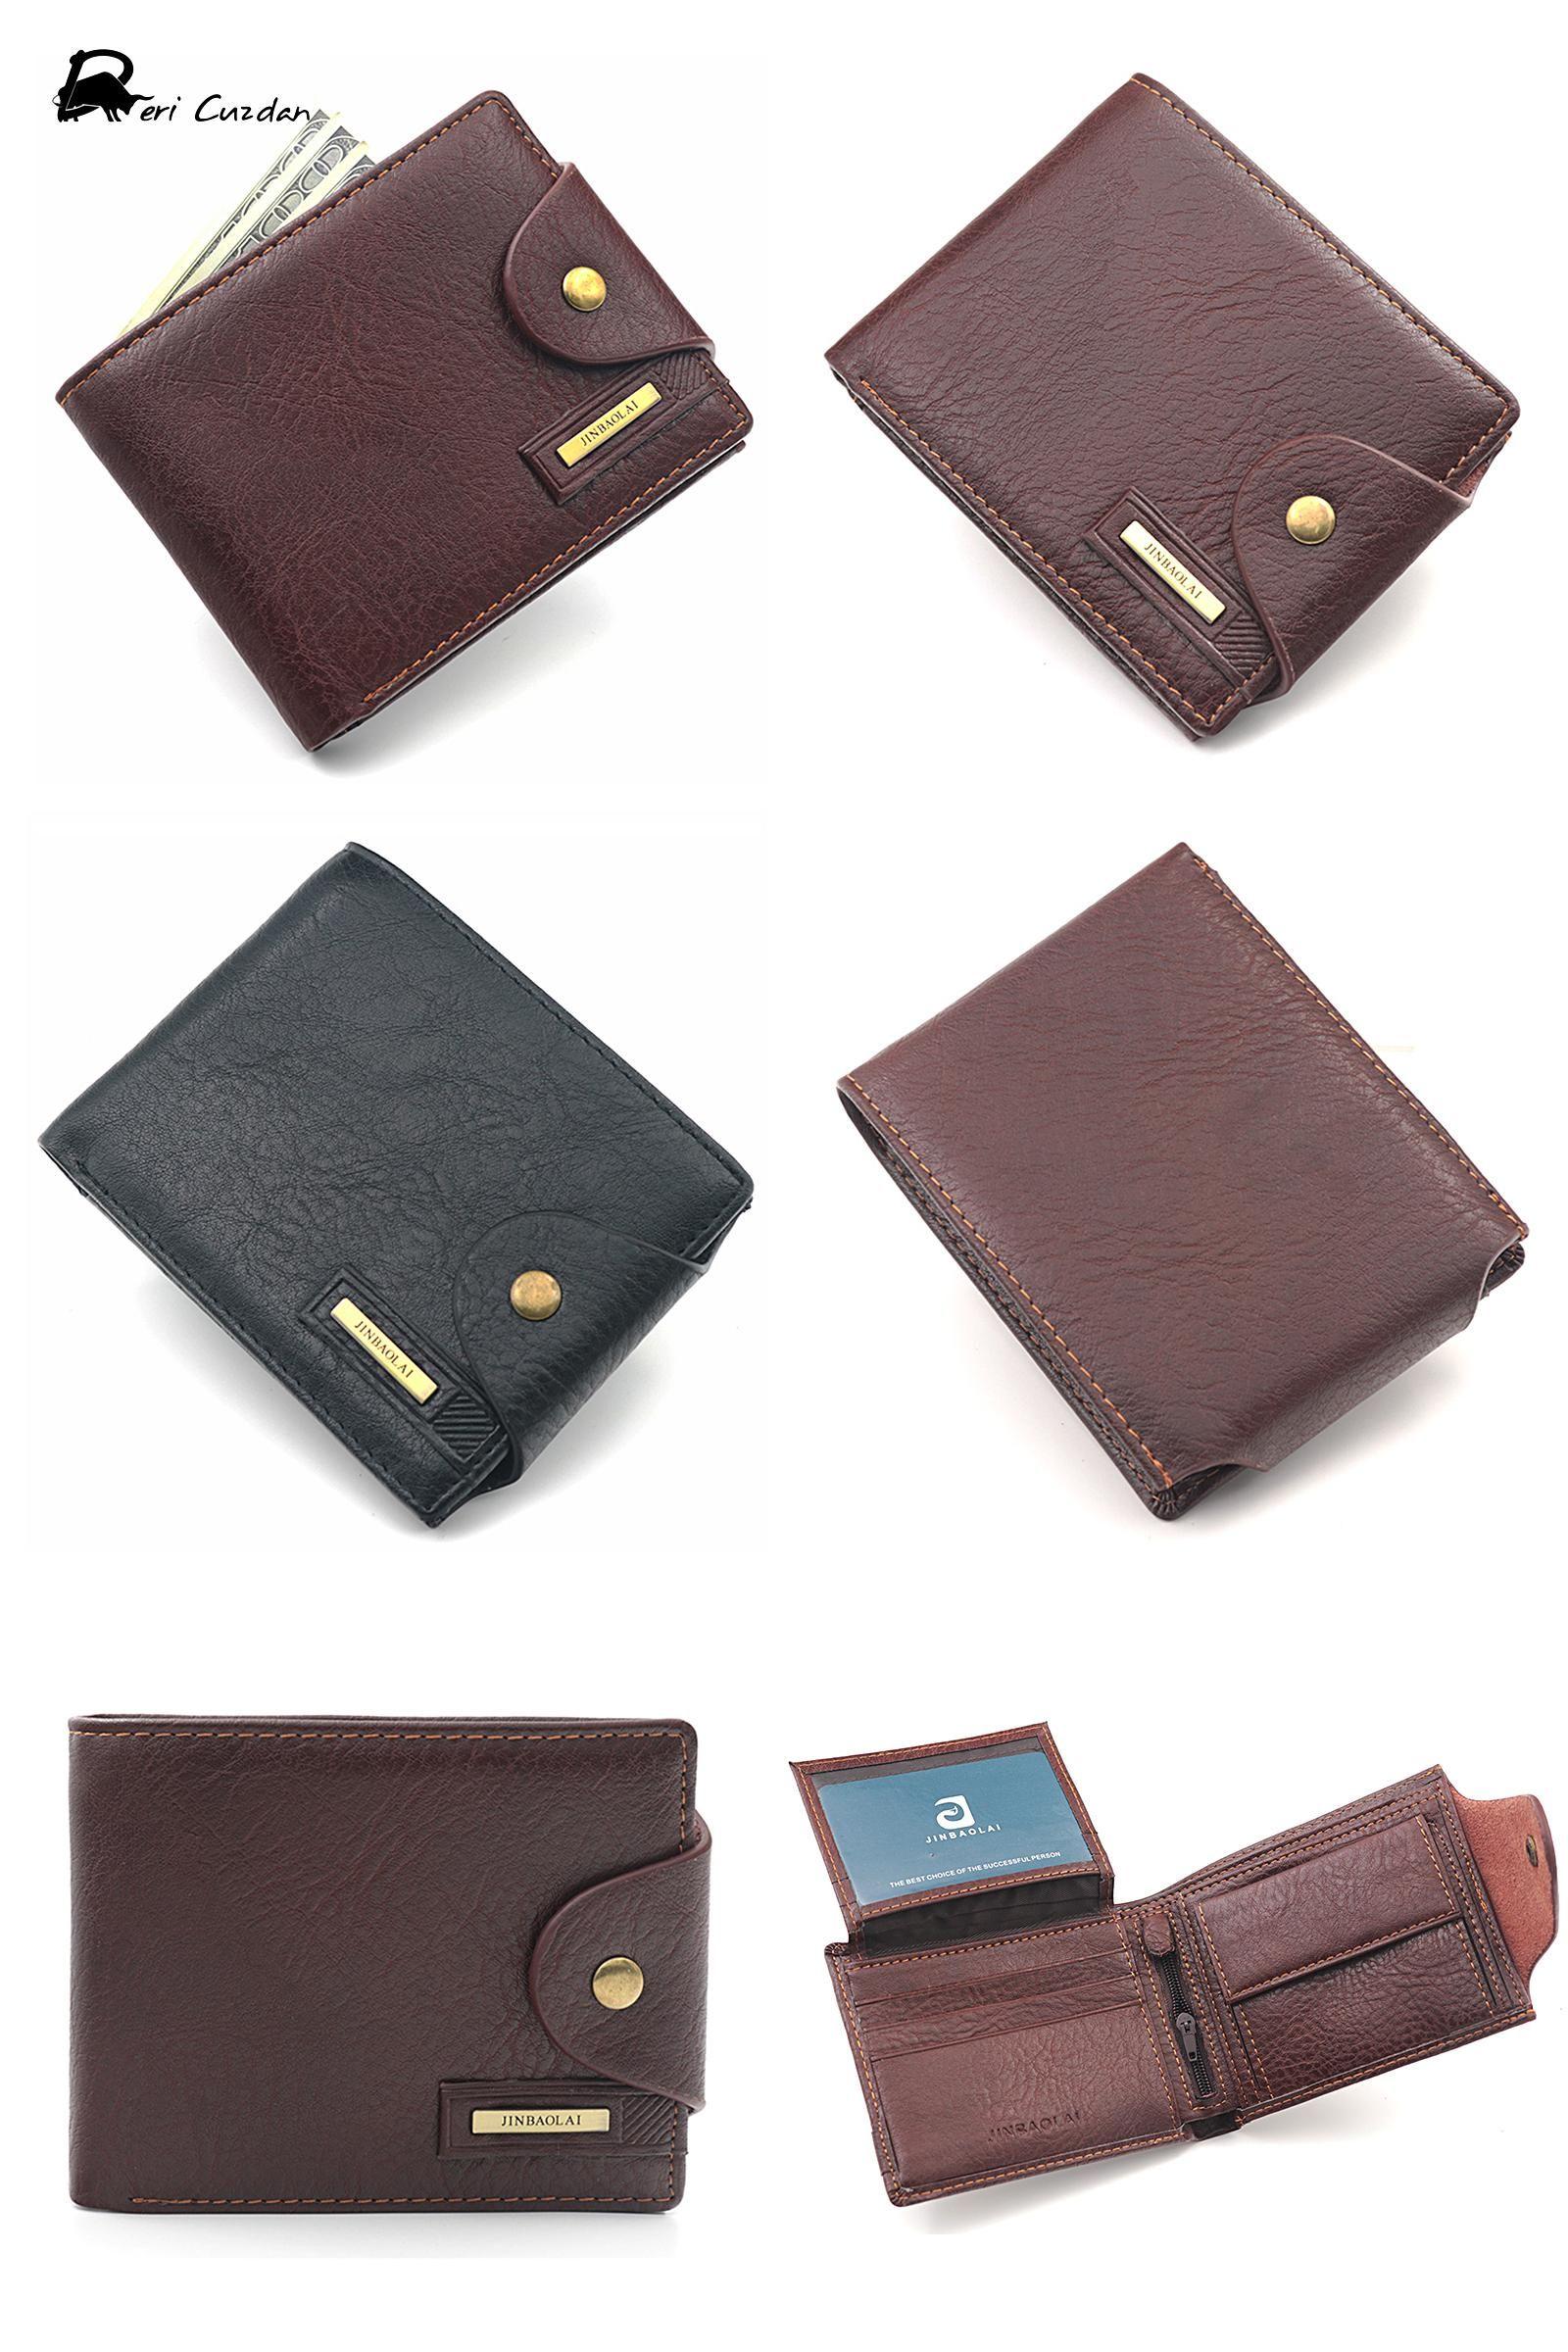 42bc63951309 [Visit to Buy] DERI CUZDAN Famous European Leather Genuine Men Wallet  Zipper Coin Pocket Short Vintage Men's Wallet Portfolio Male Clutch Purse #  ...